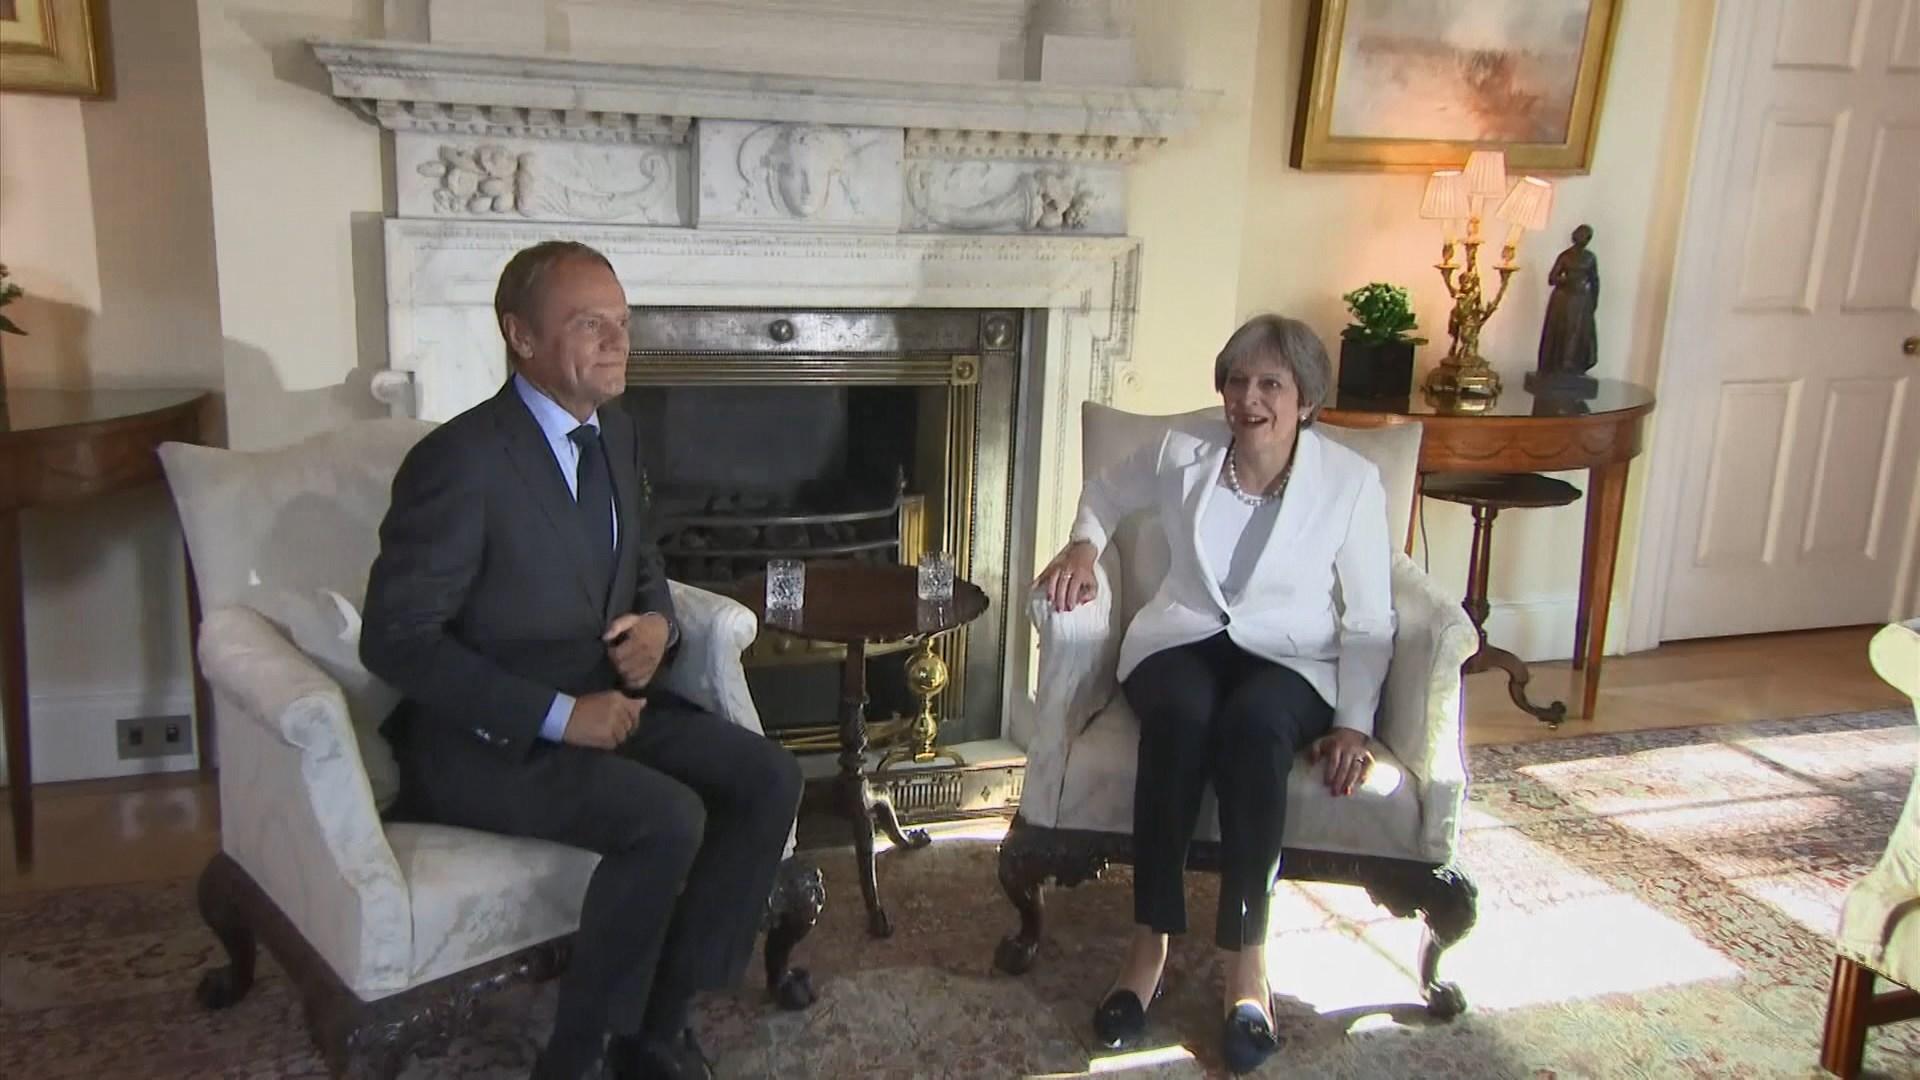 文翠珊致函歐盟延遲脫歐期限至6月30日